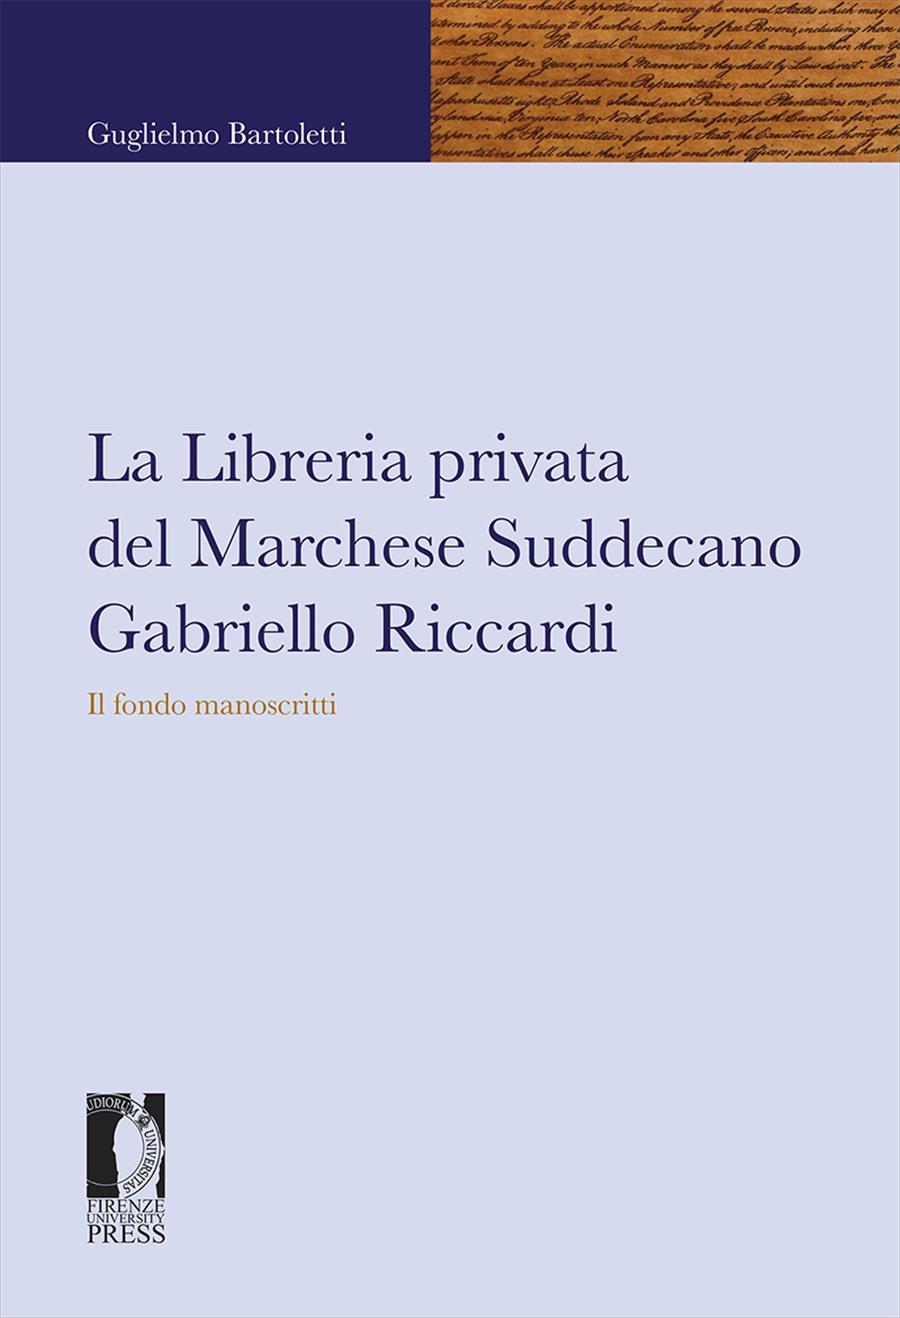 La Libreria privata del Marchese Suddecano Gabriello Riccardi